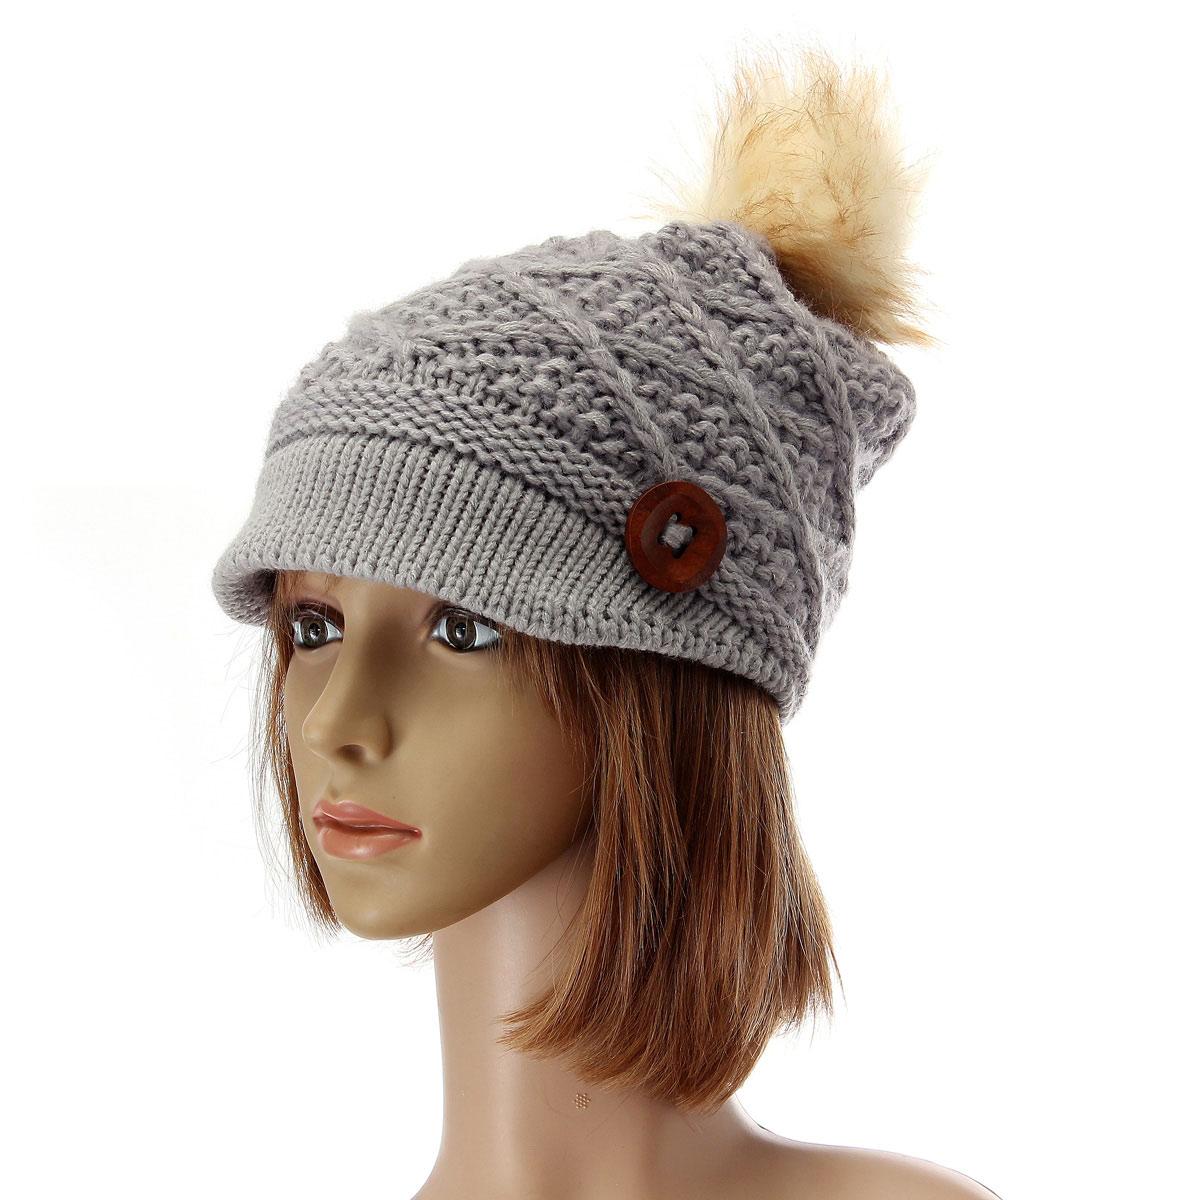 53f1be53359 ... Women Ladies Button Crochet Knit Beret Hat Ski Baggy Beanie Ball Woolen  Cap - Thumbnail 2 ...